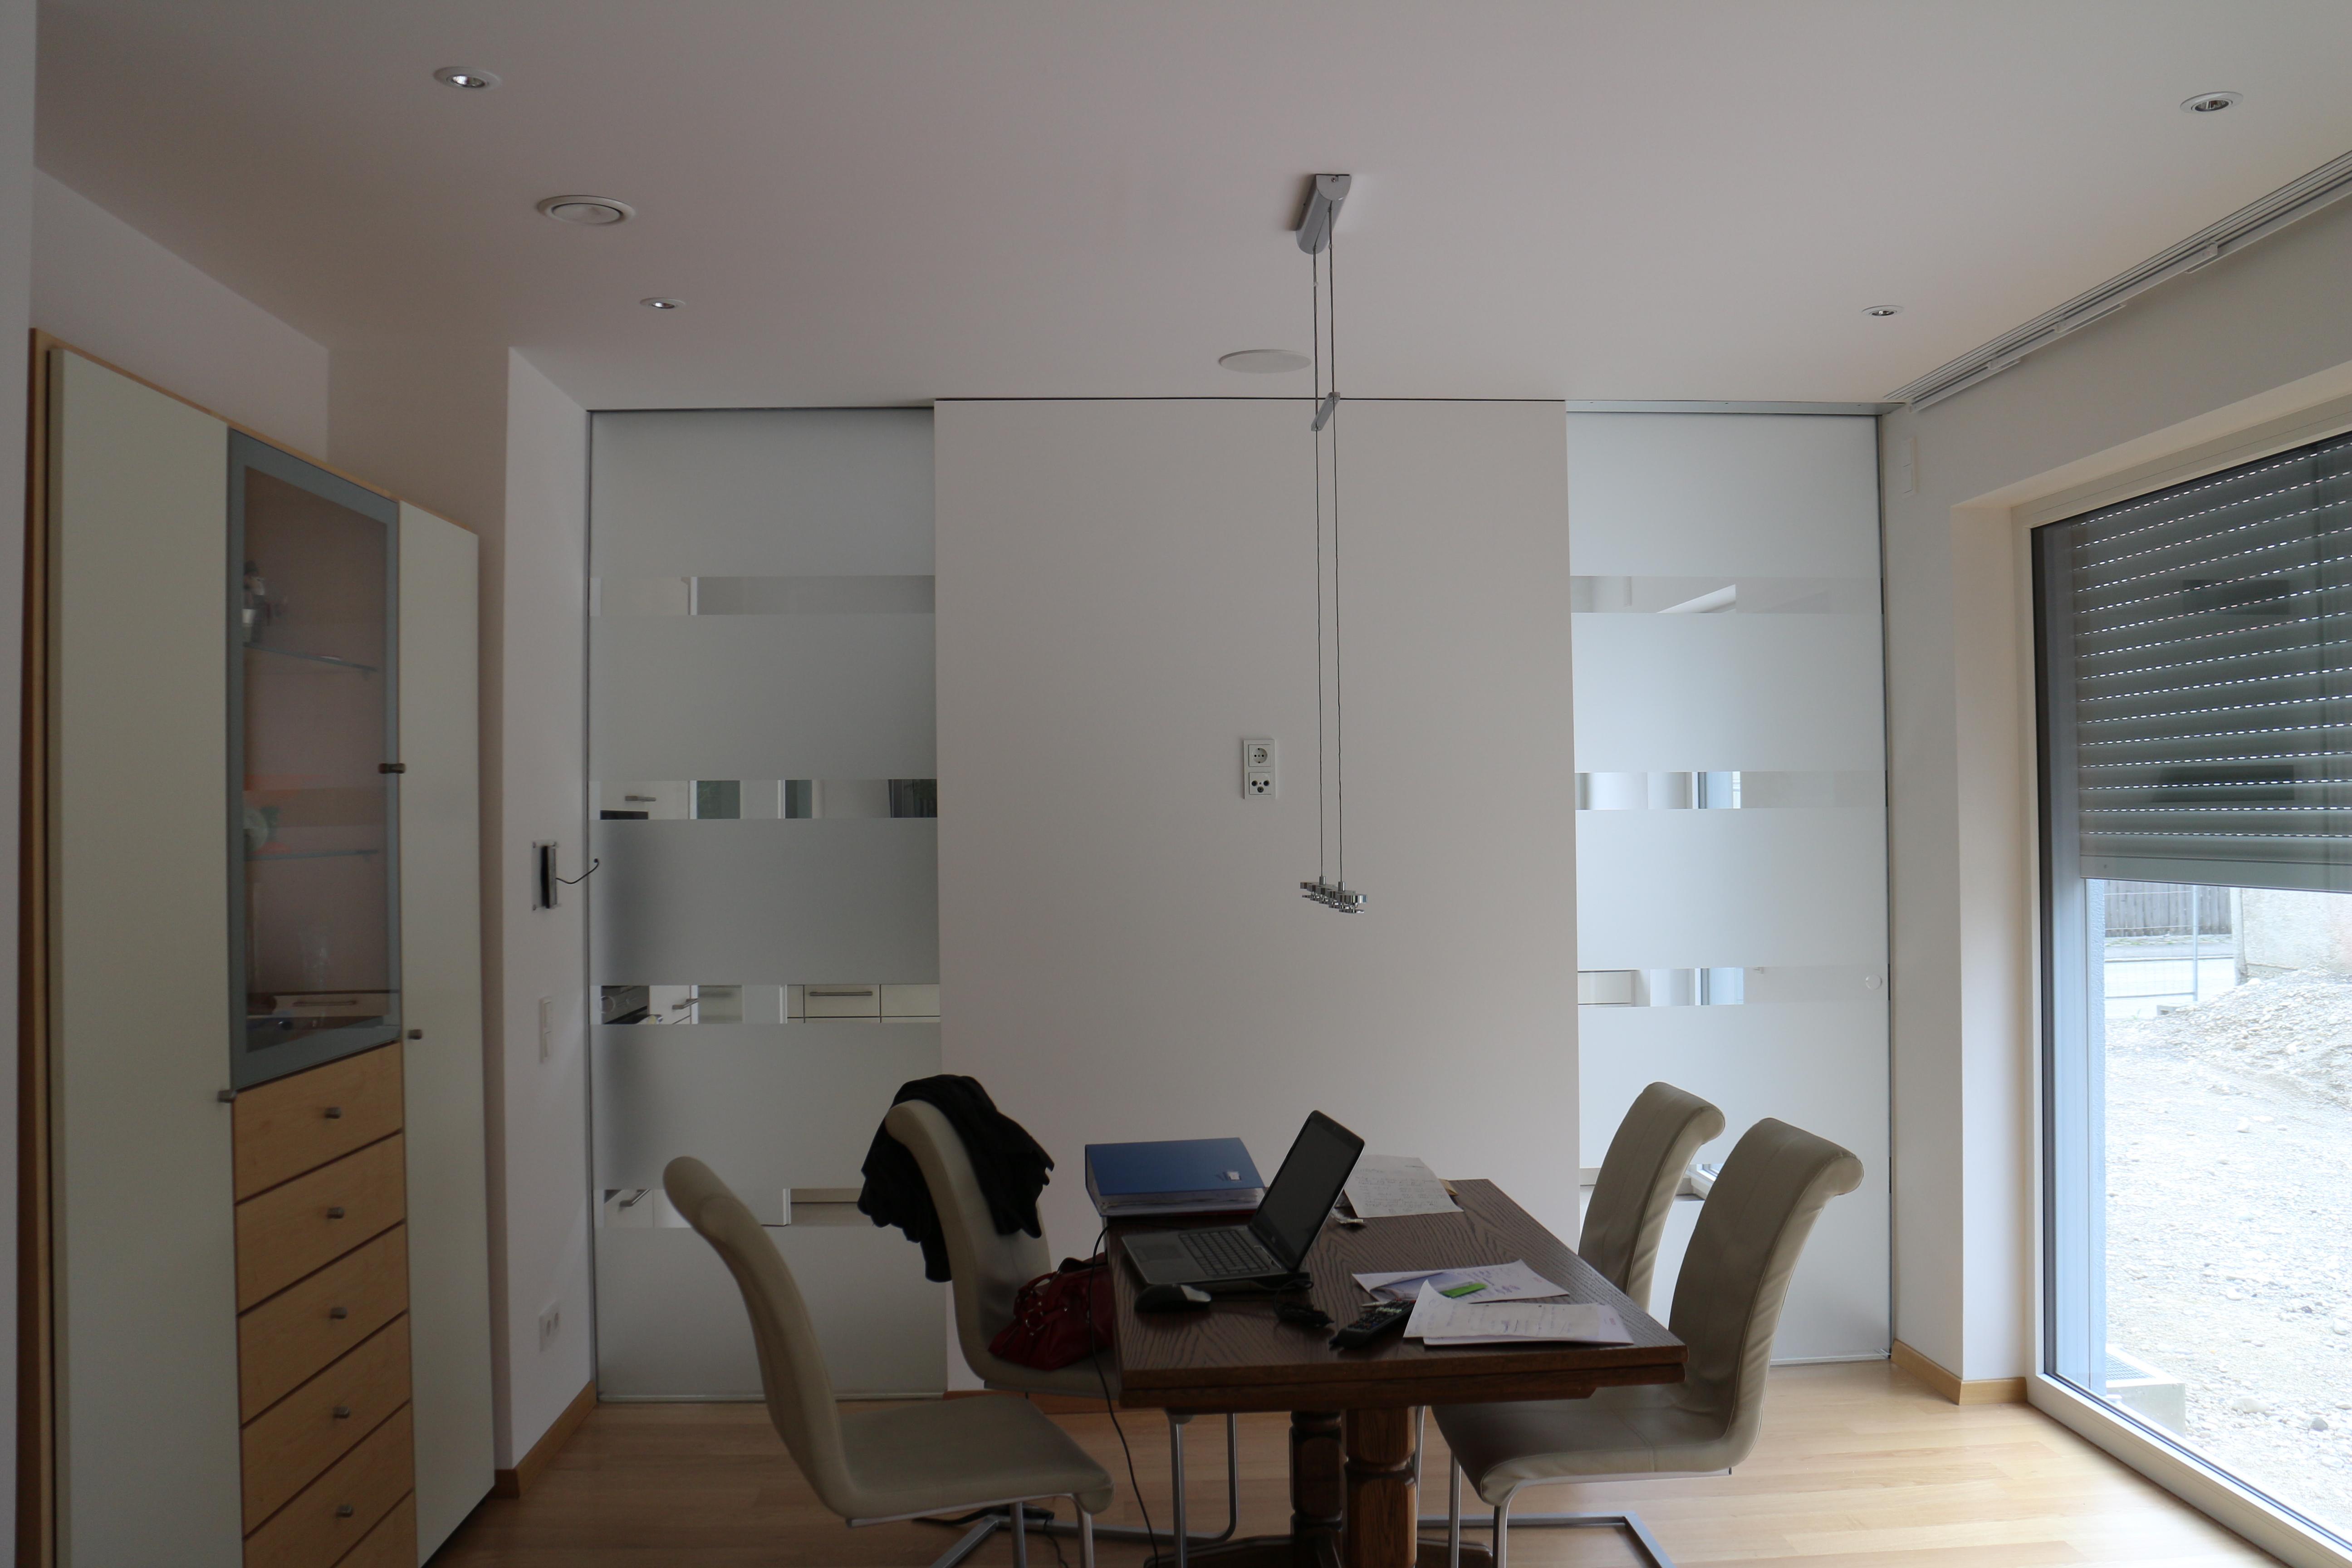 schiebet ren in der wand laufend mit siebdruck glasteam gmbh. Black Bedroom Furniture Sets. Home Design Ideas